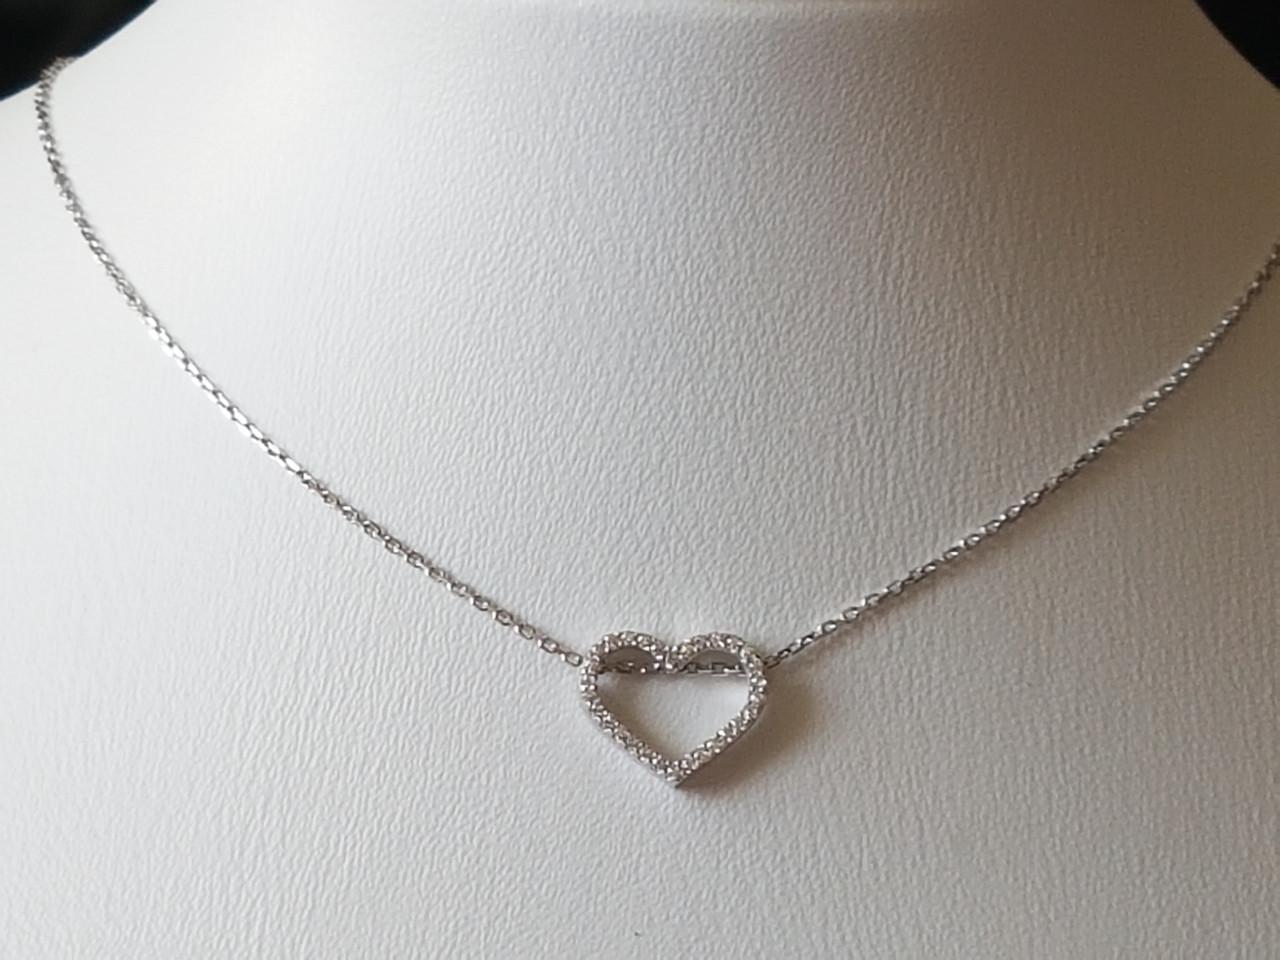 Серебряное колье Сердце с фианитами. Артикул 908-01004